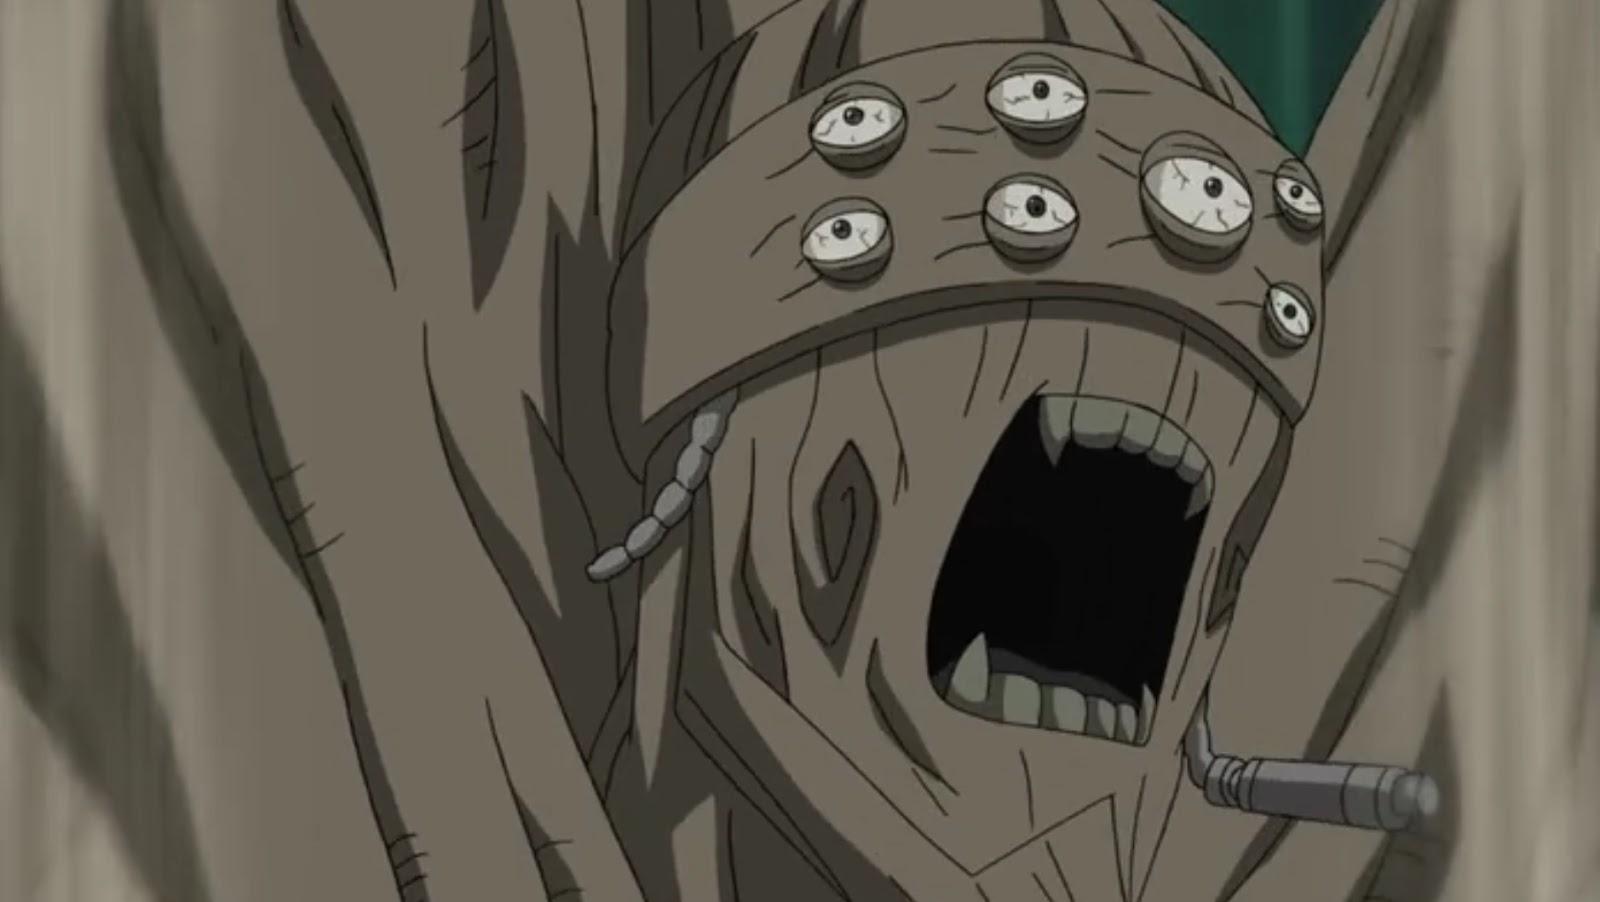 Naruto Shippuden: Episódio 340 – Edo Tensei: Liberado!